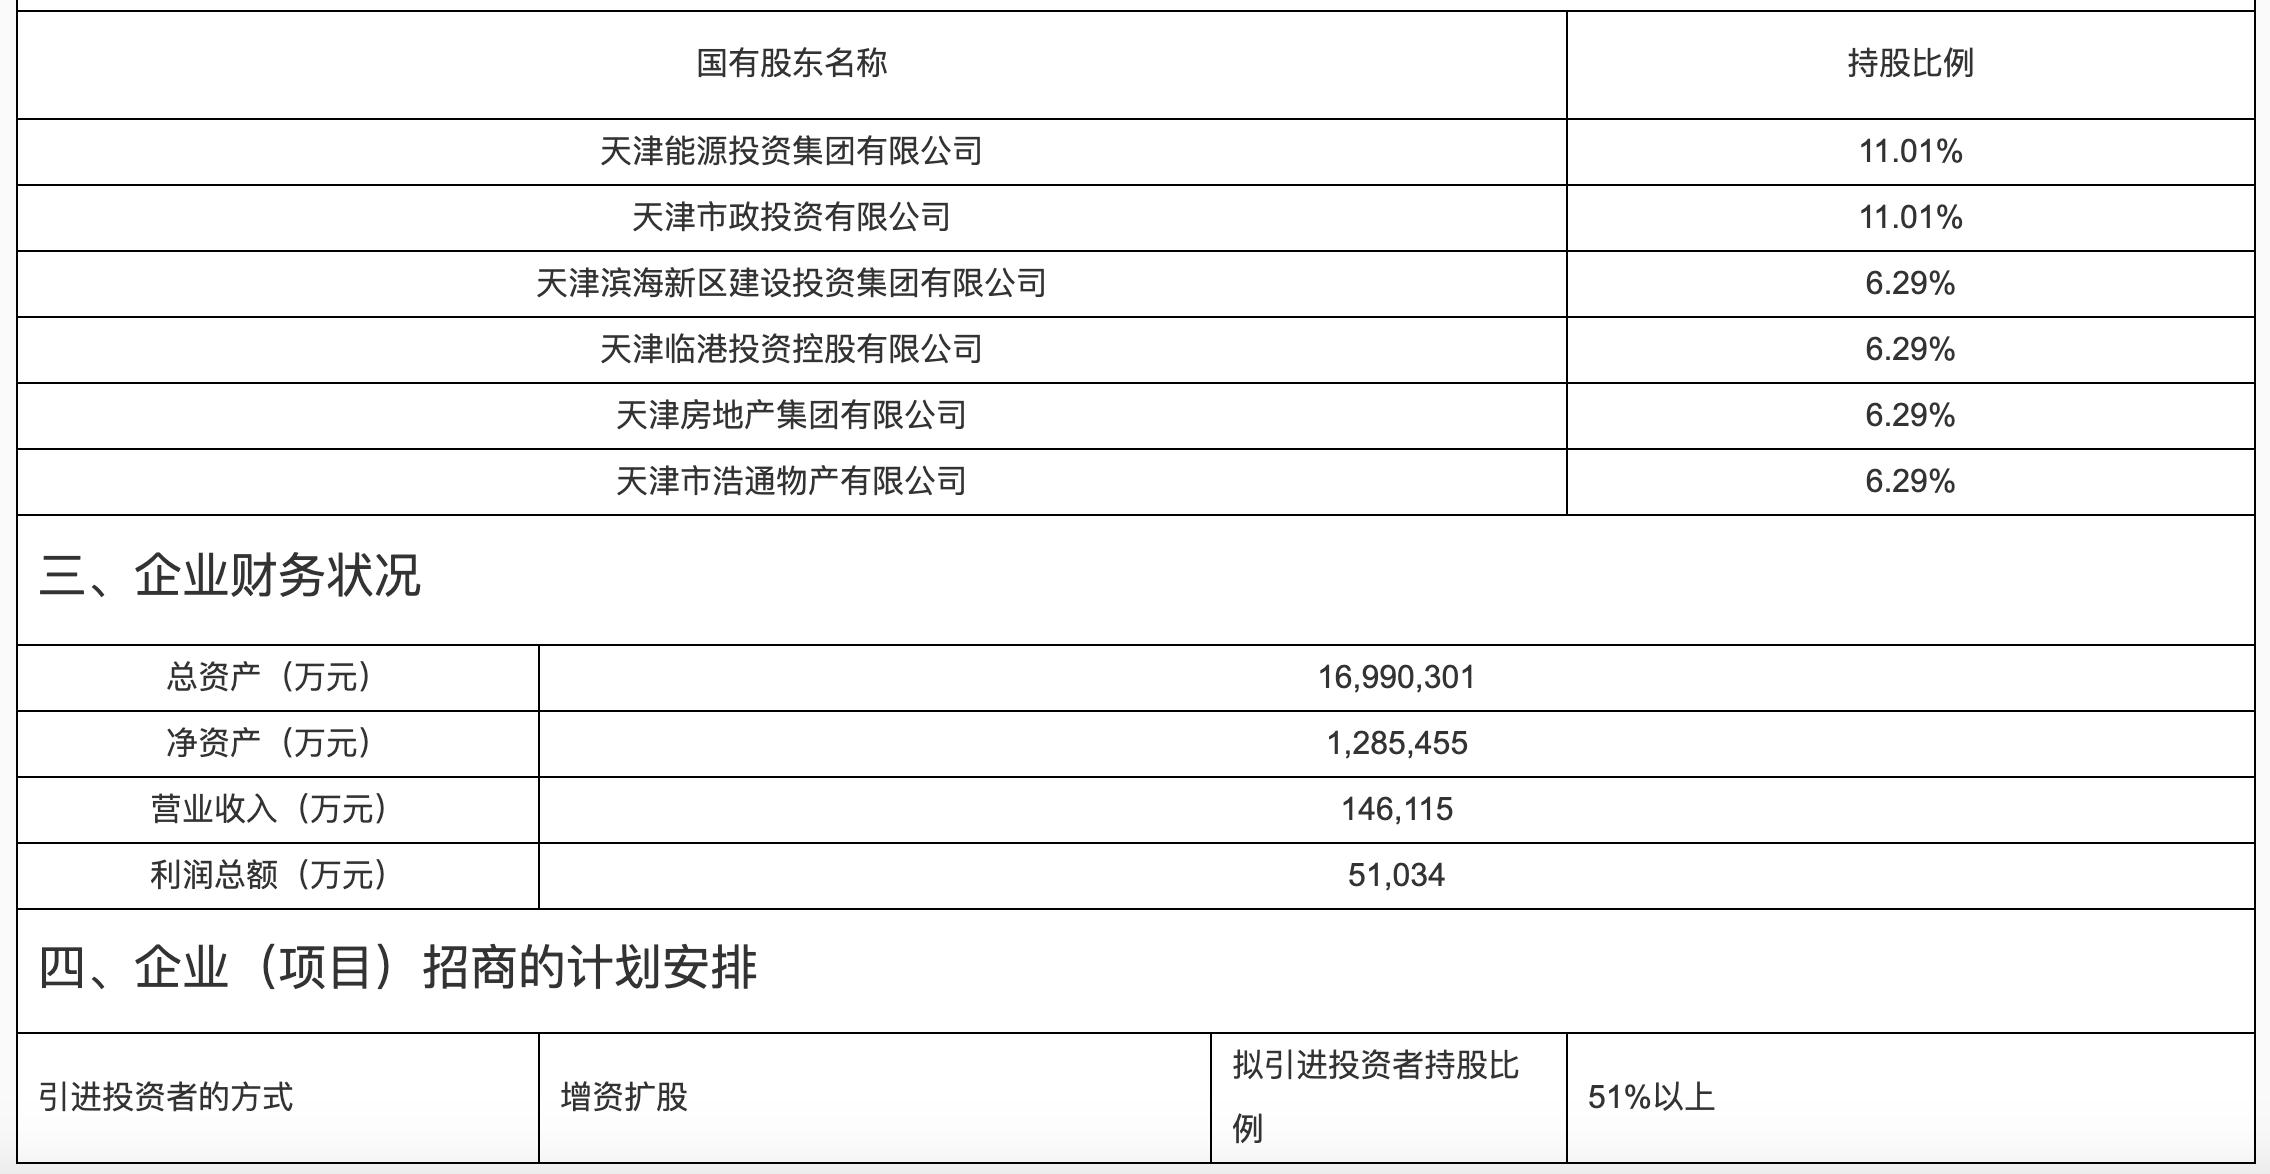 天津滨海农商行拟增资扩股 新投资者持股至少51%